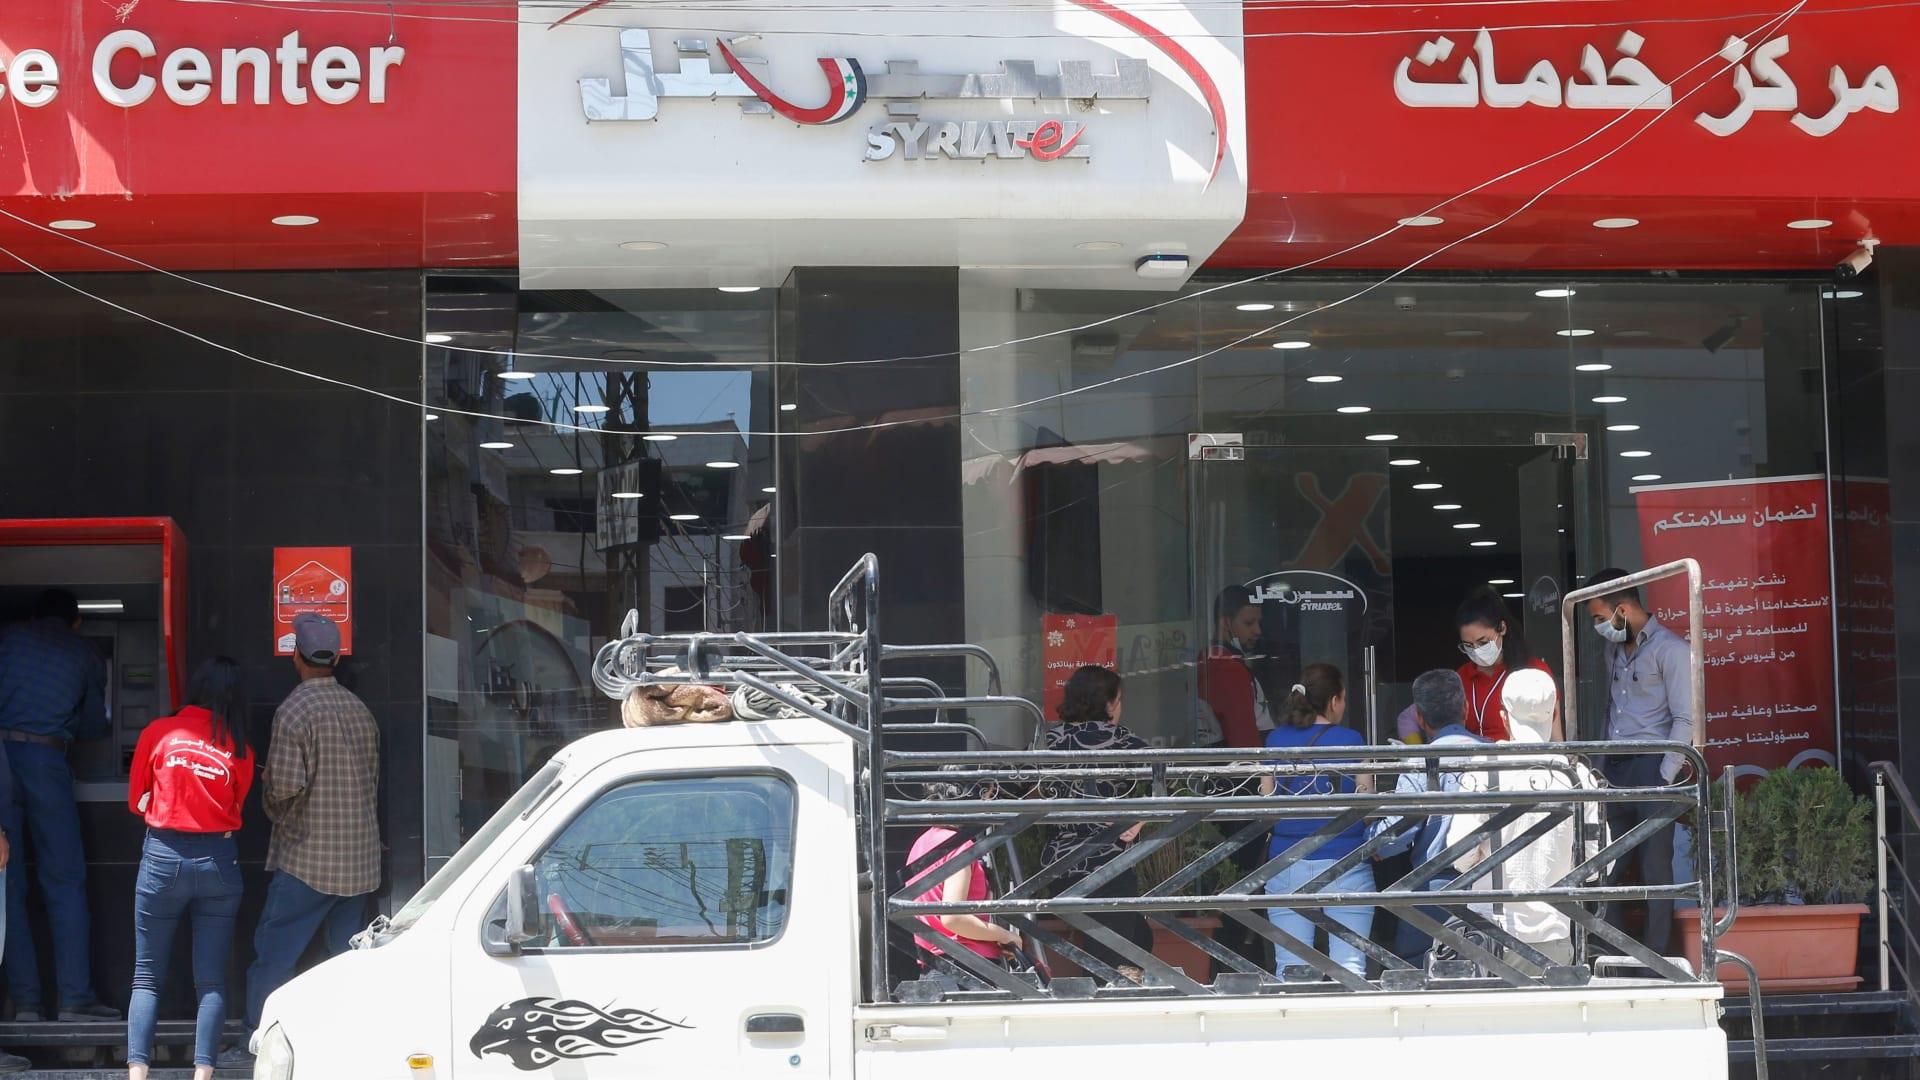 """هيئة الأوراق والأسواق المالية السورية تعلق التداول على أسهم شركة """"سيريتل"""""""